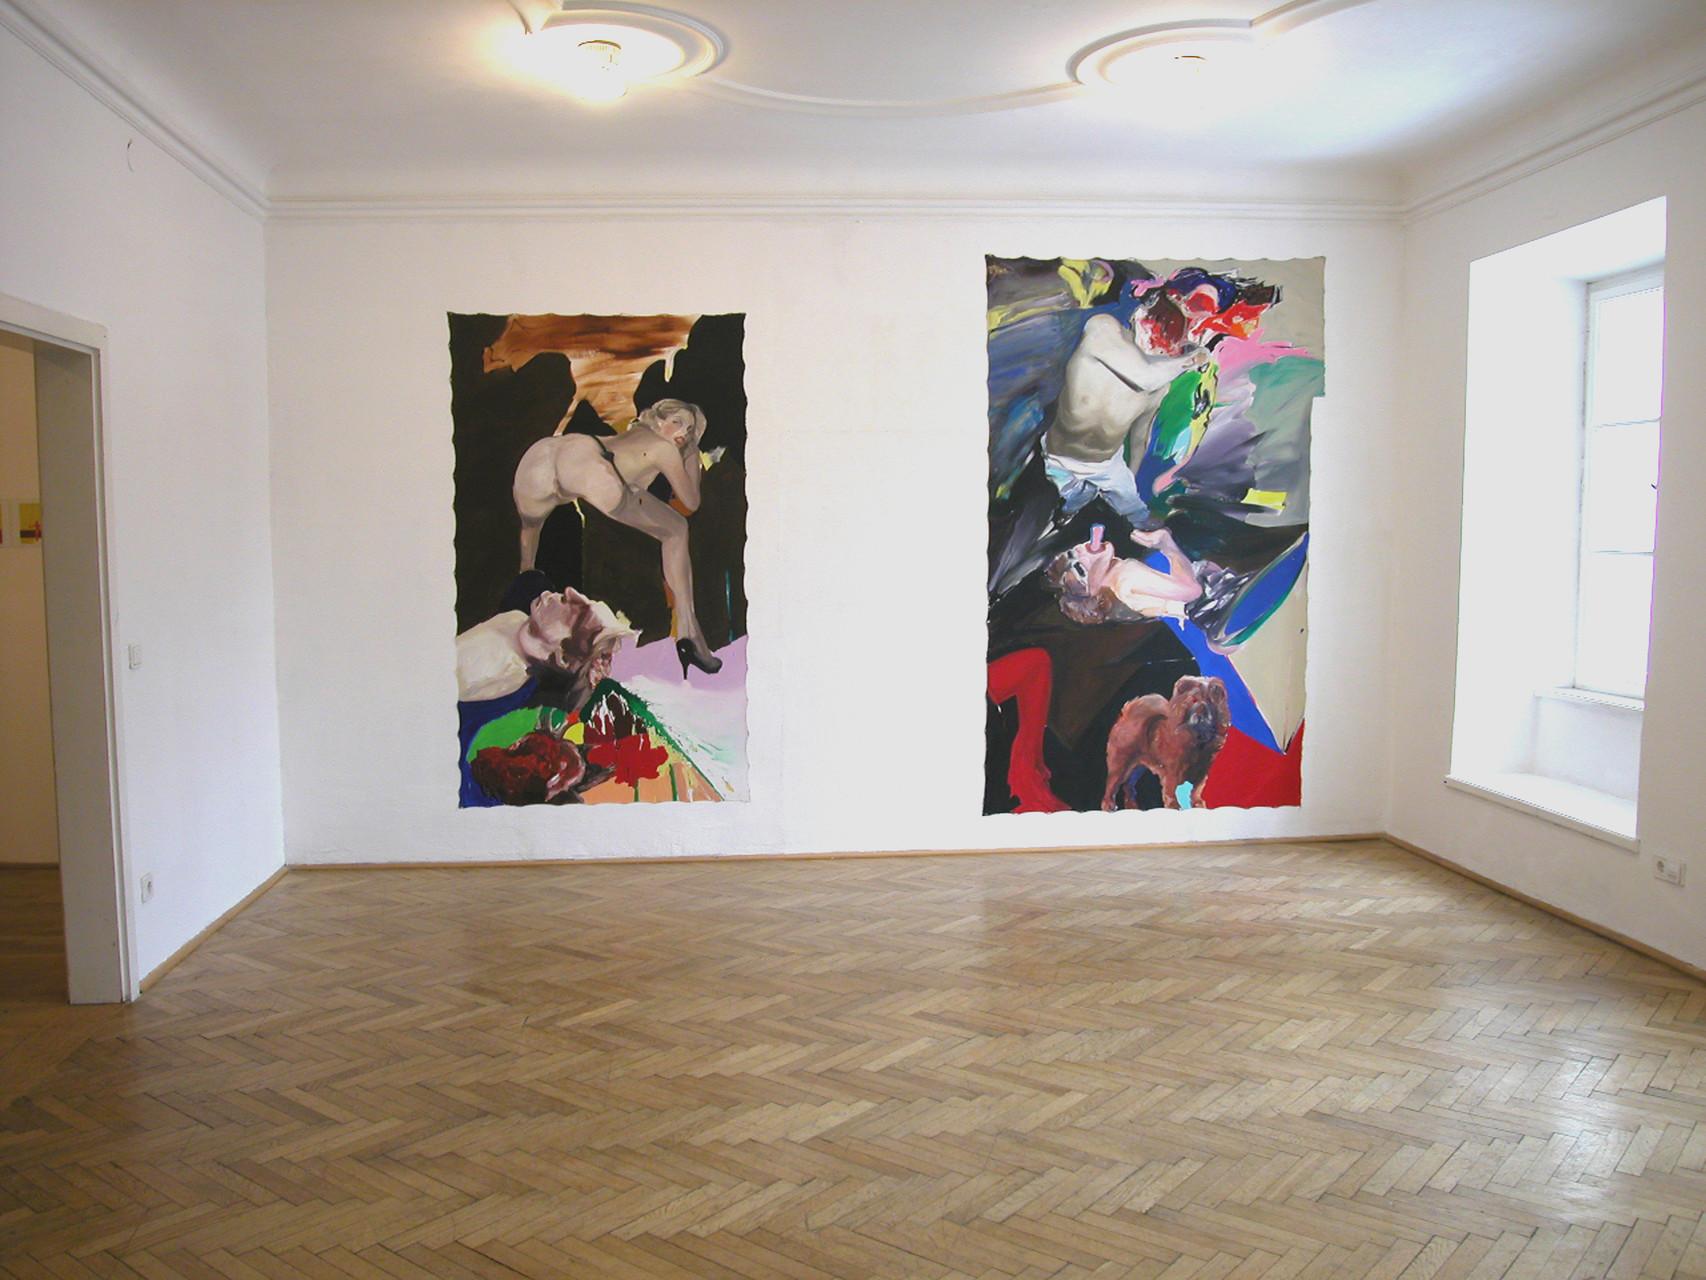 Avec Peinture, Galerie 5020, Salzburg (AT), 2005